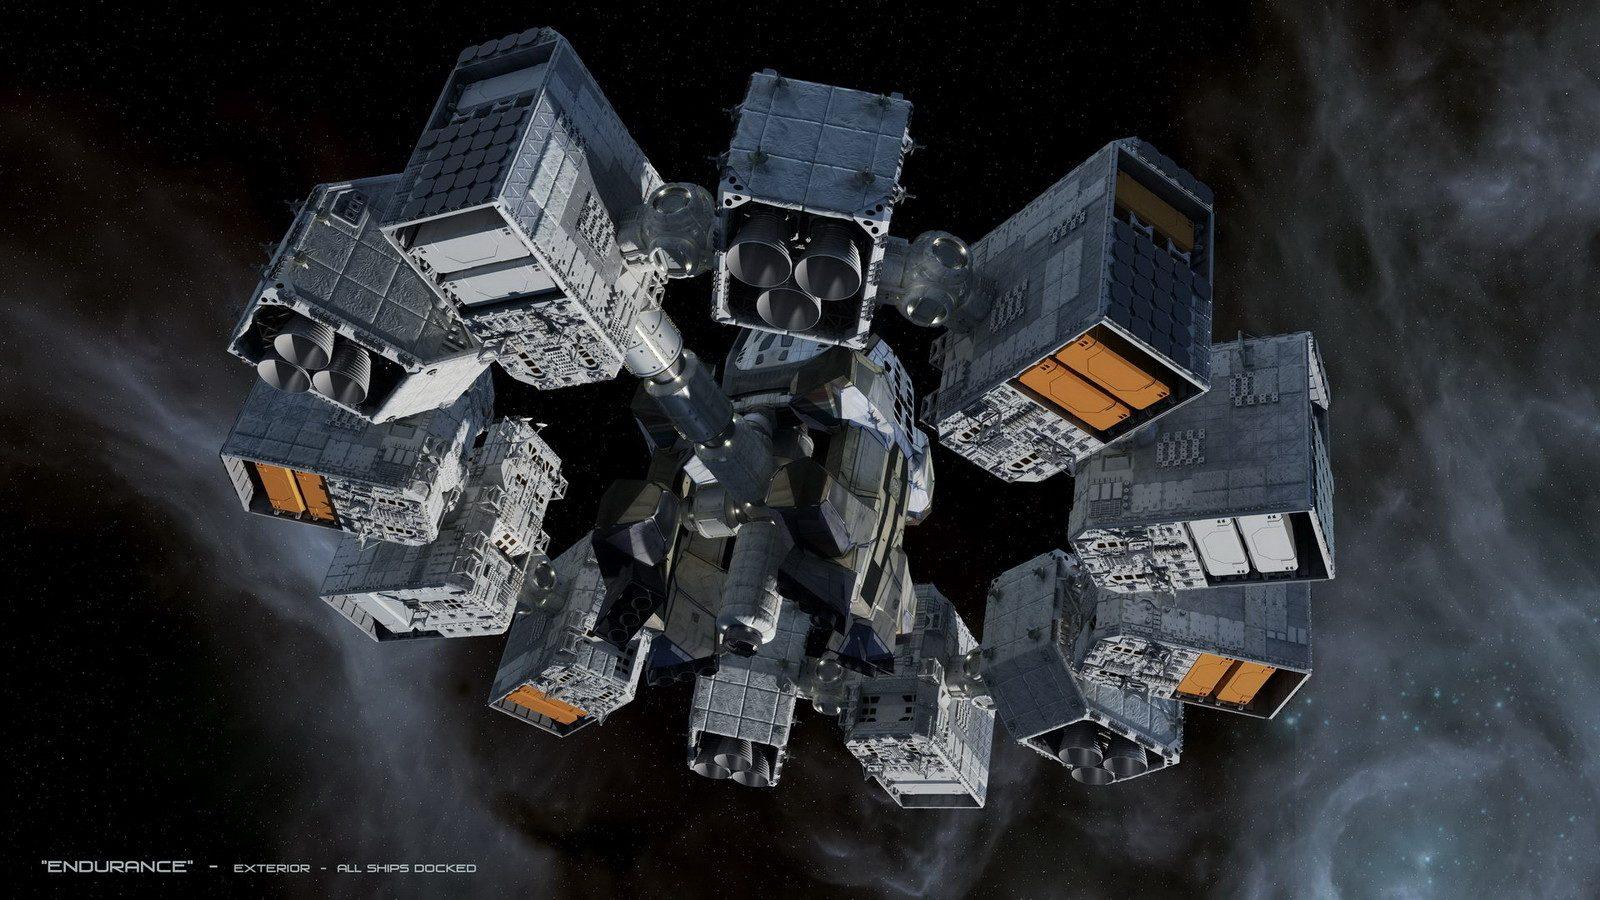 interstellar ranger spacecraft design - HD1600×900